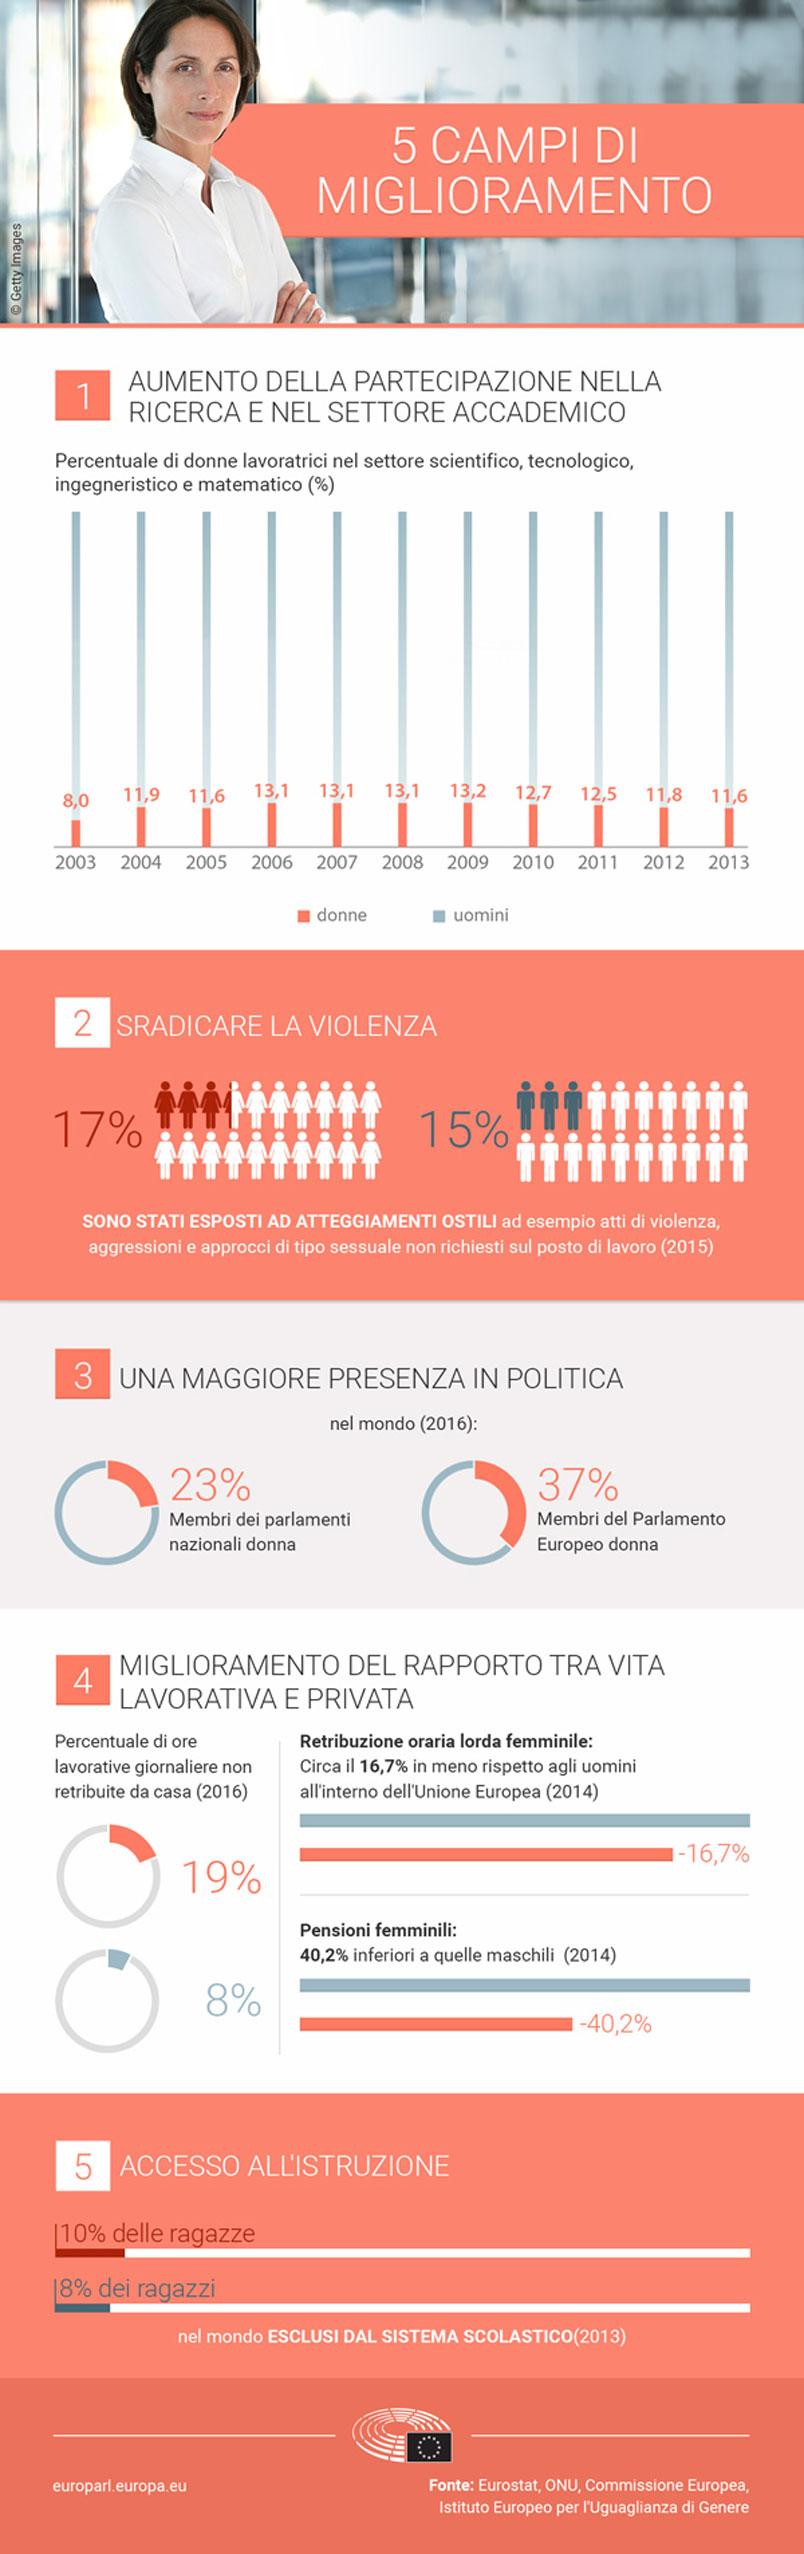 Diritti delle donne - Pari opportunità